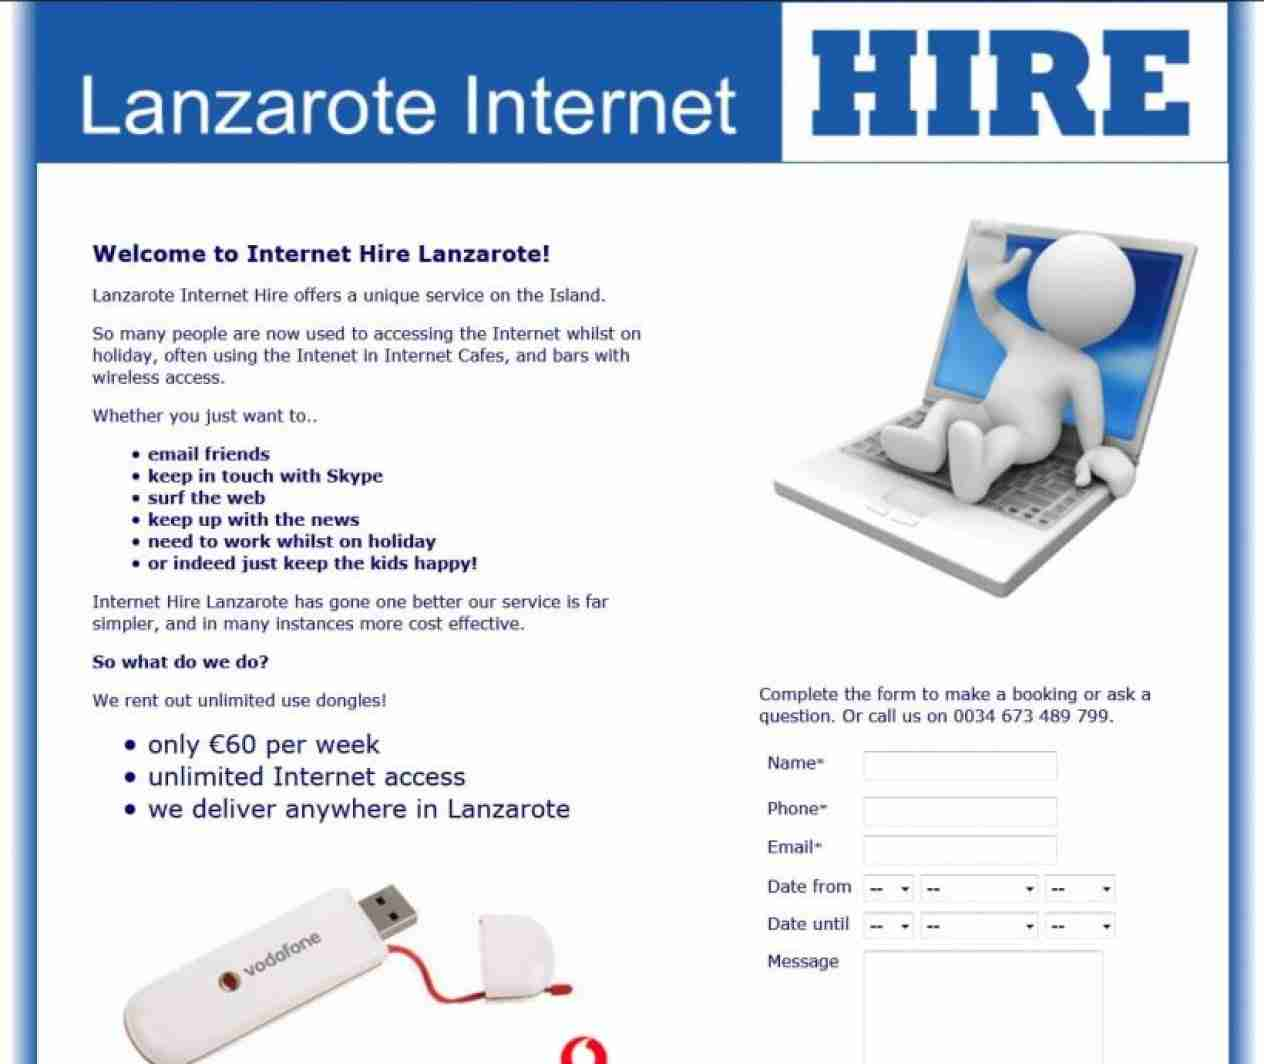 Lanzarote Internet Hire